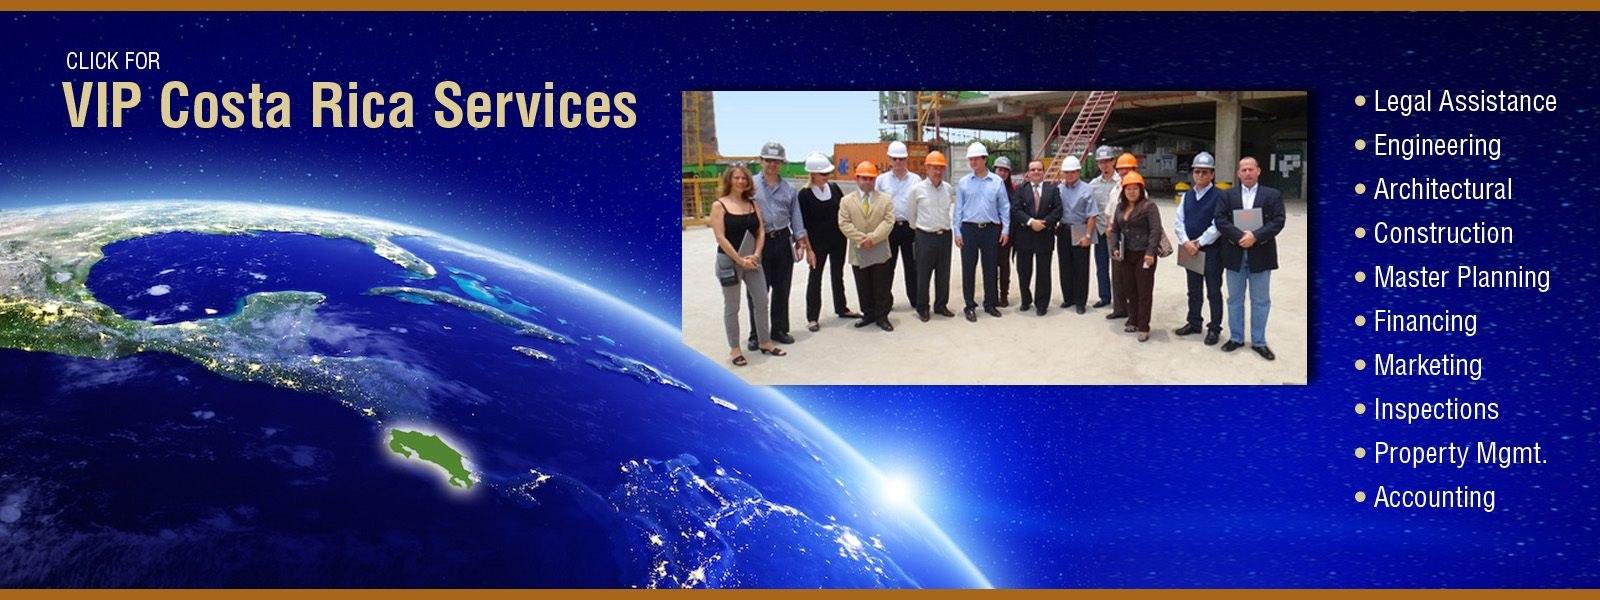 VIP Costa Rica Services